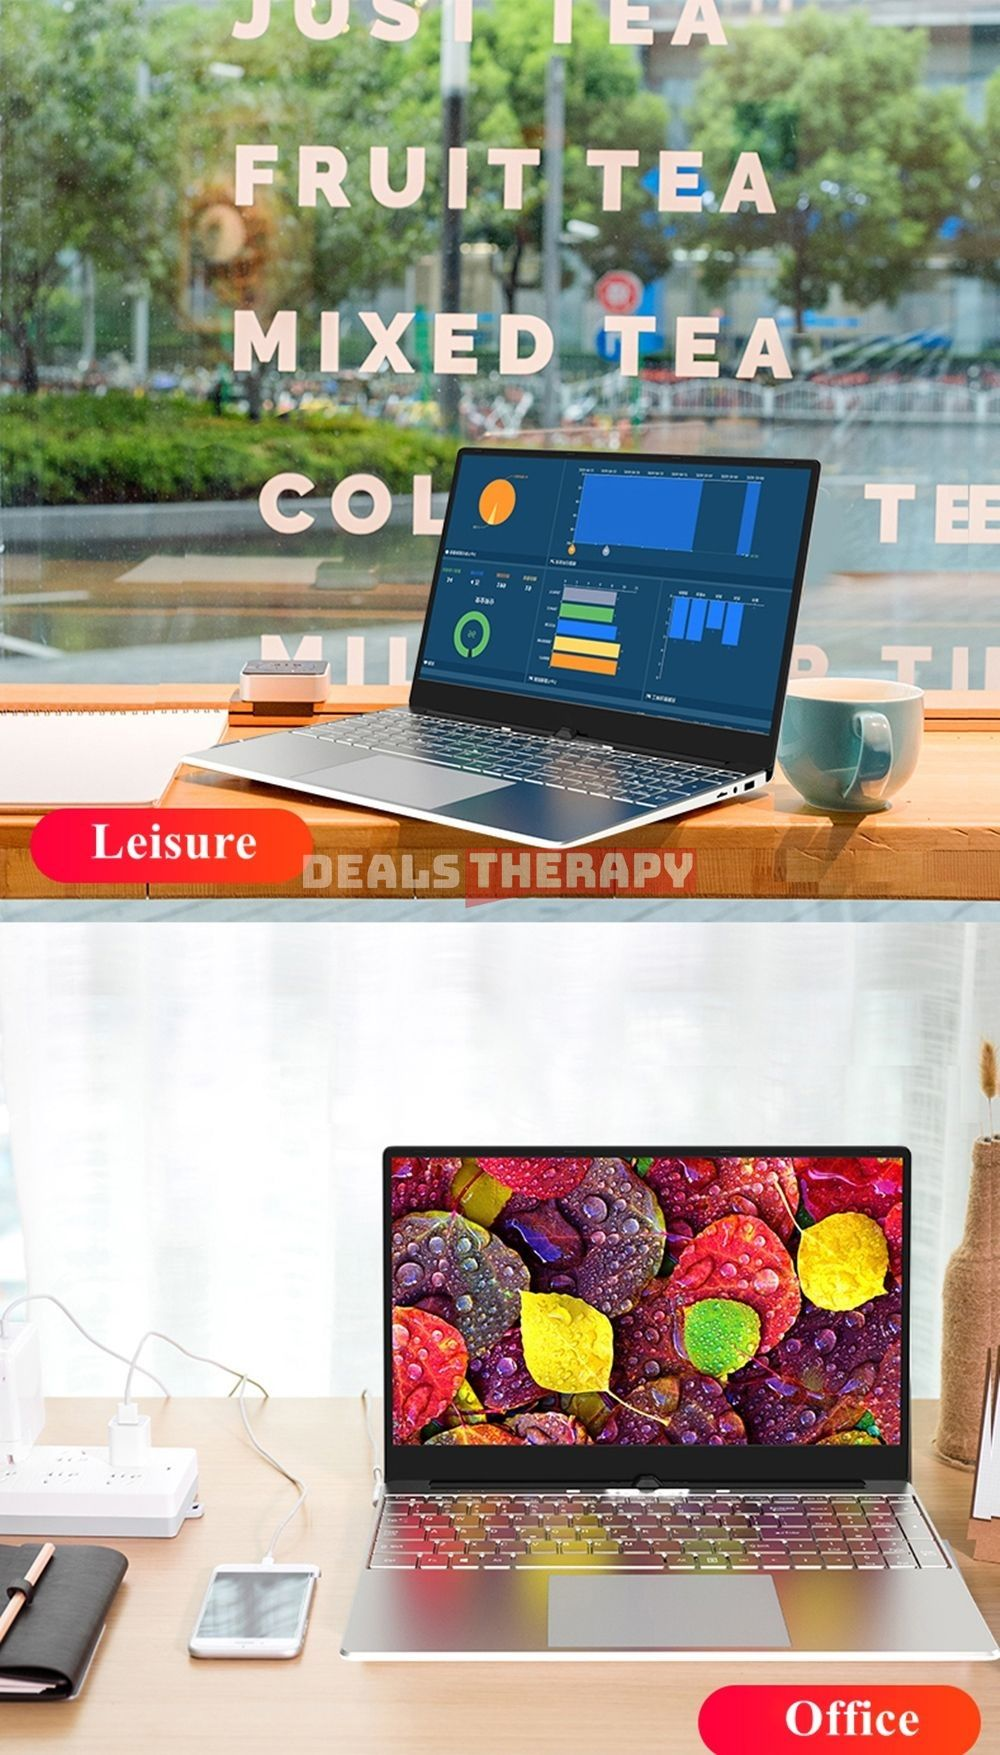 Lhmzniy S4 Dealstherapy.com